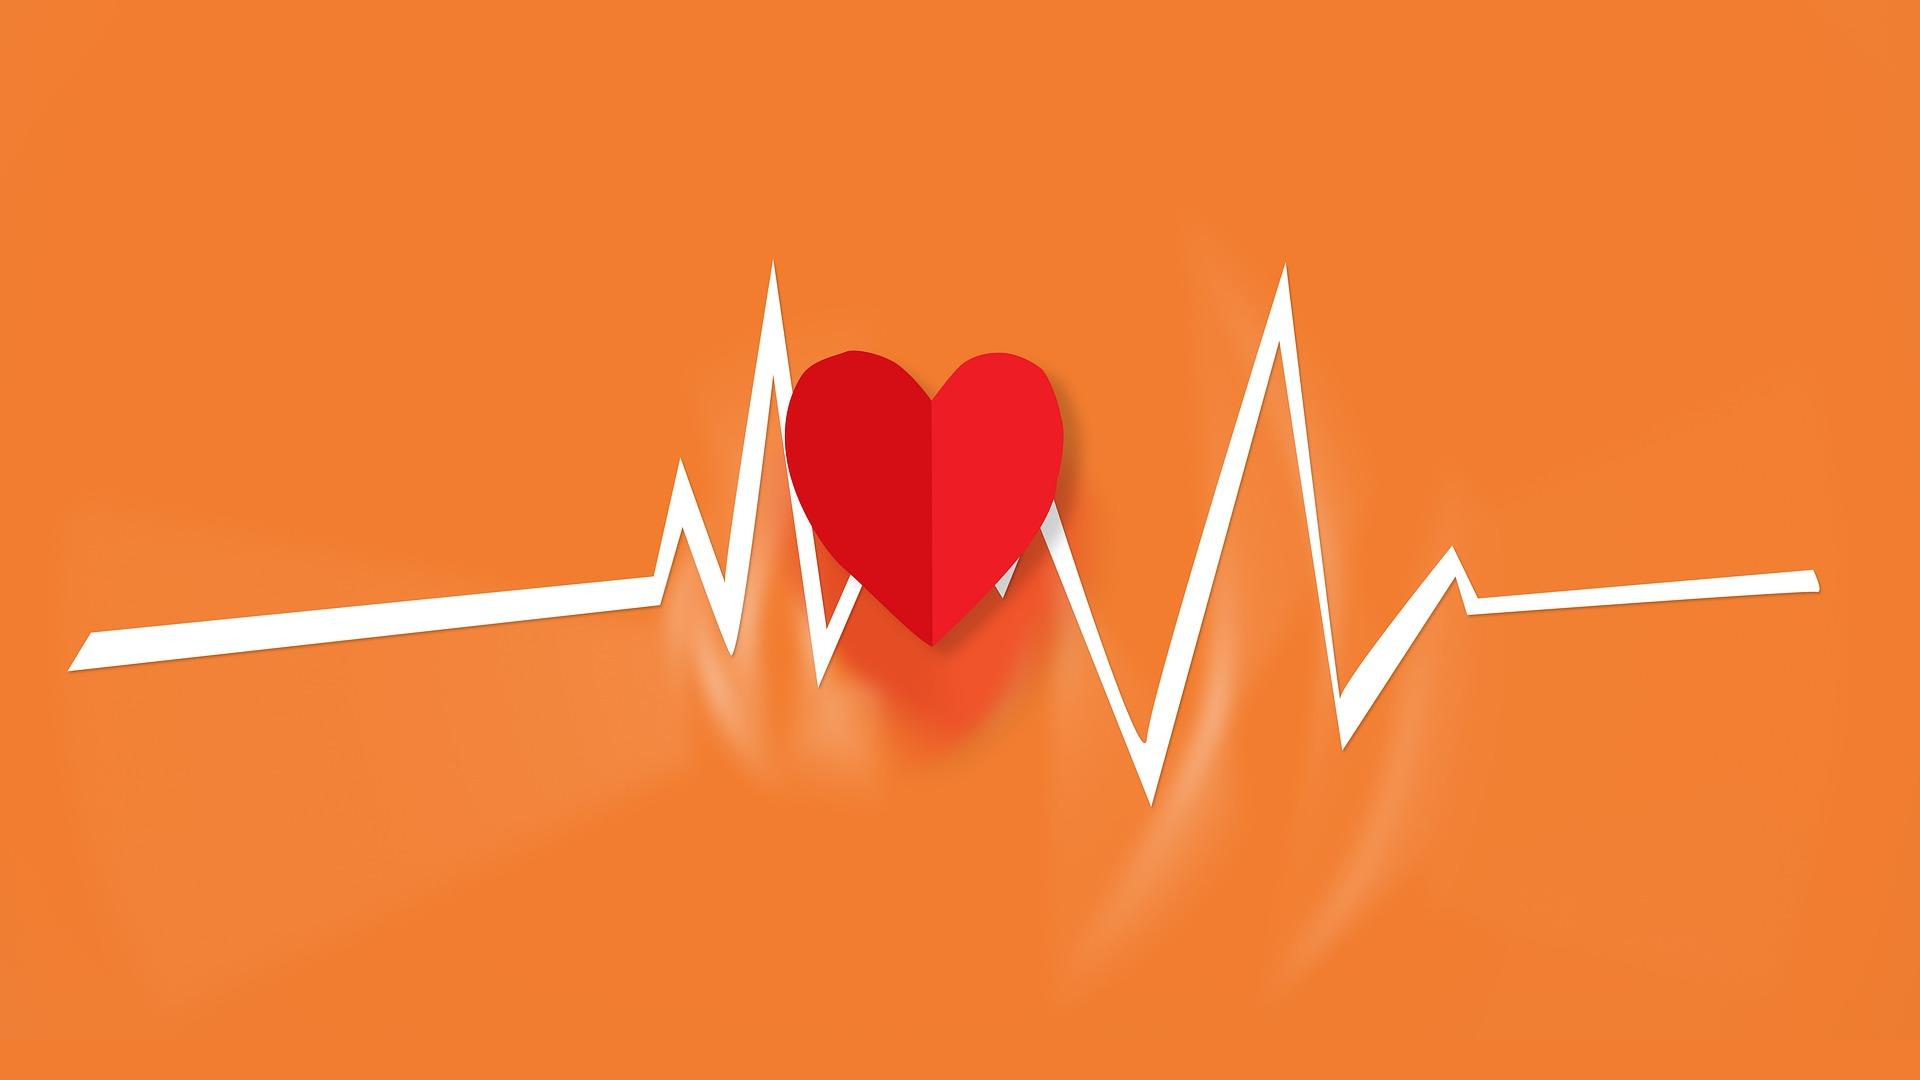 心臓の音 ドクンドクン